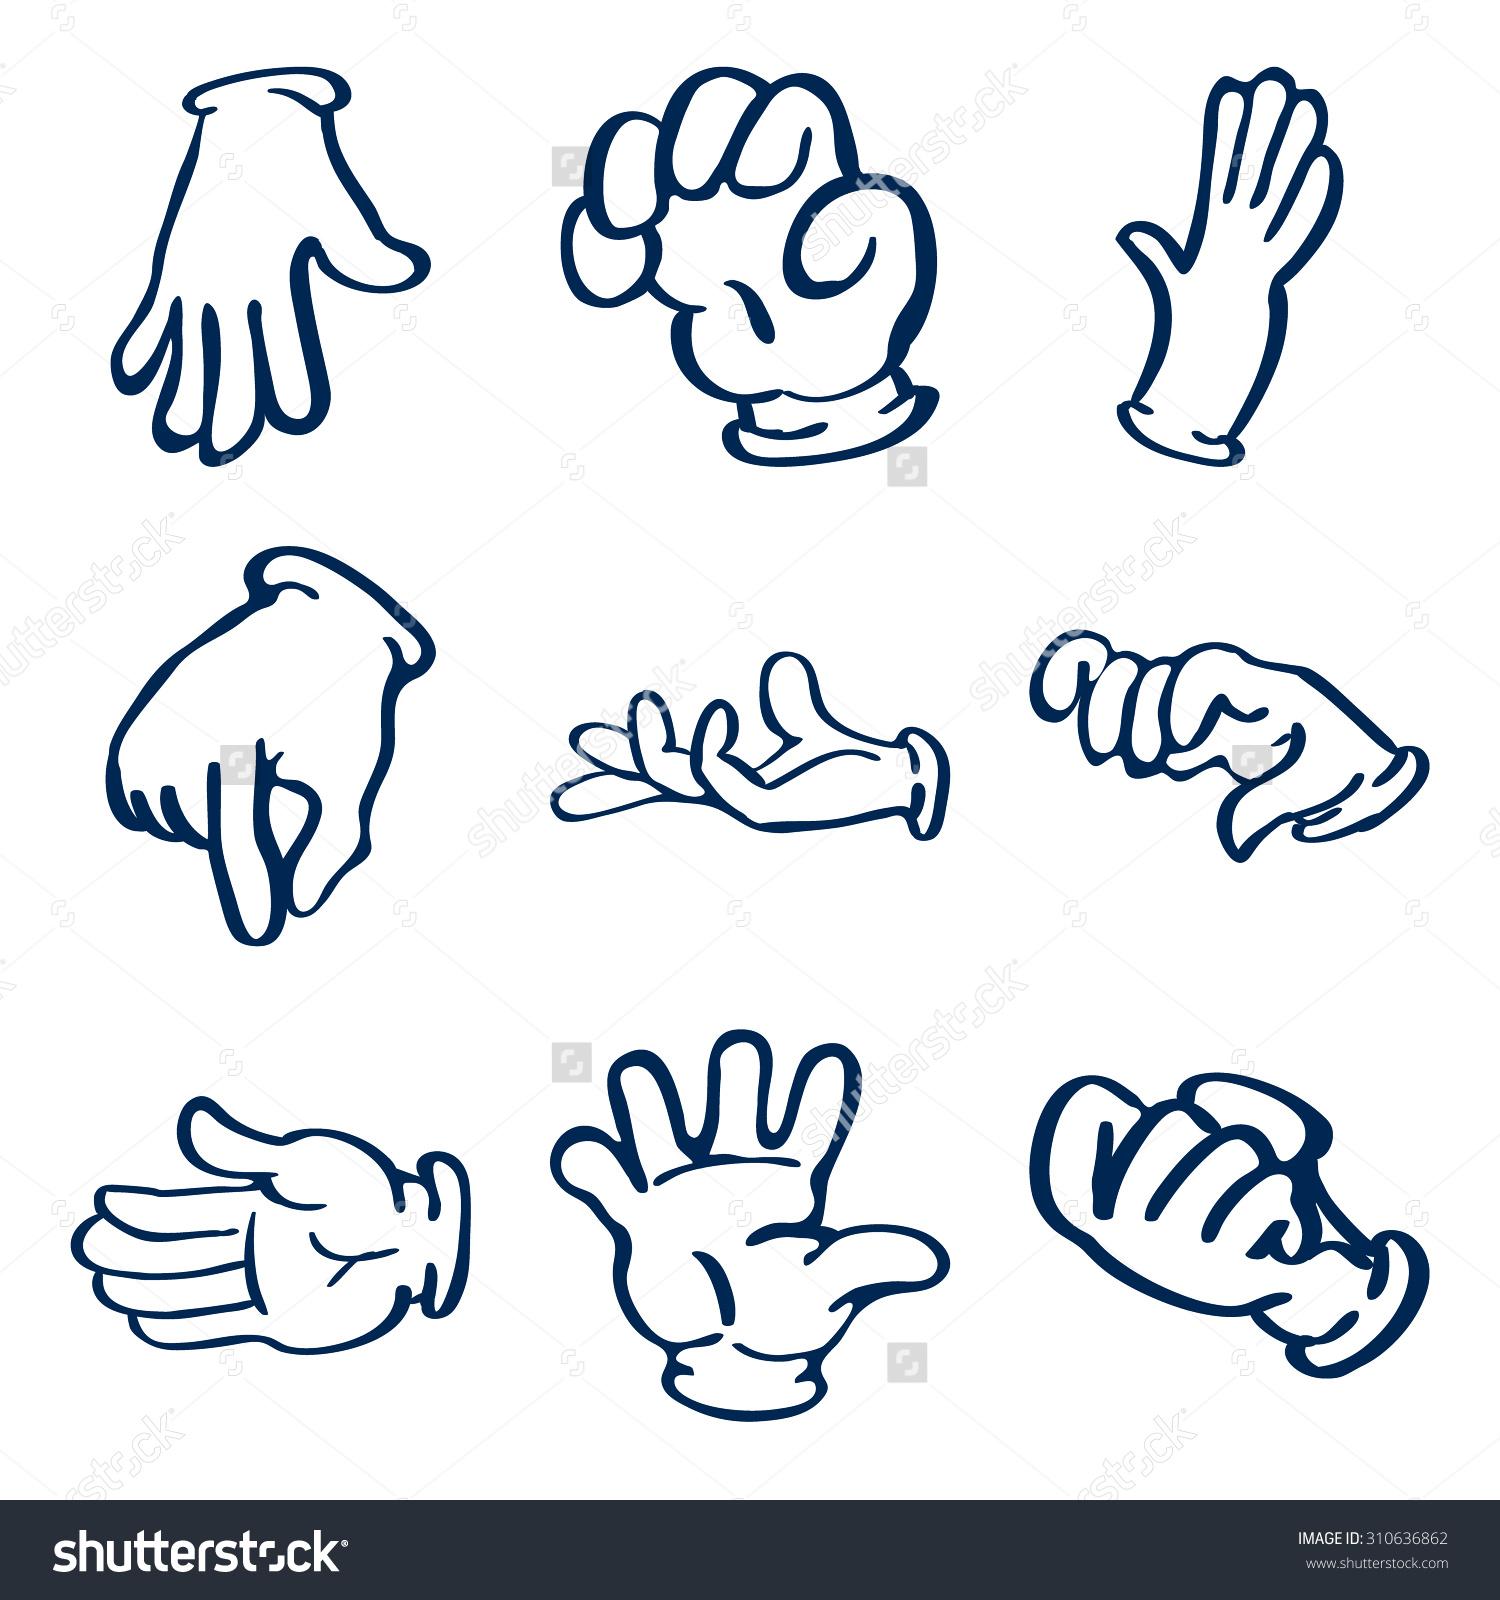 Cartoon Gloved Hands Clip Art Illustration Stock Illustration.